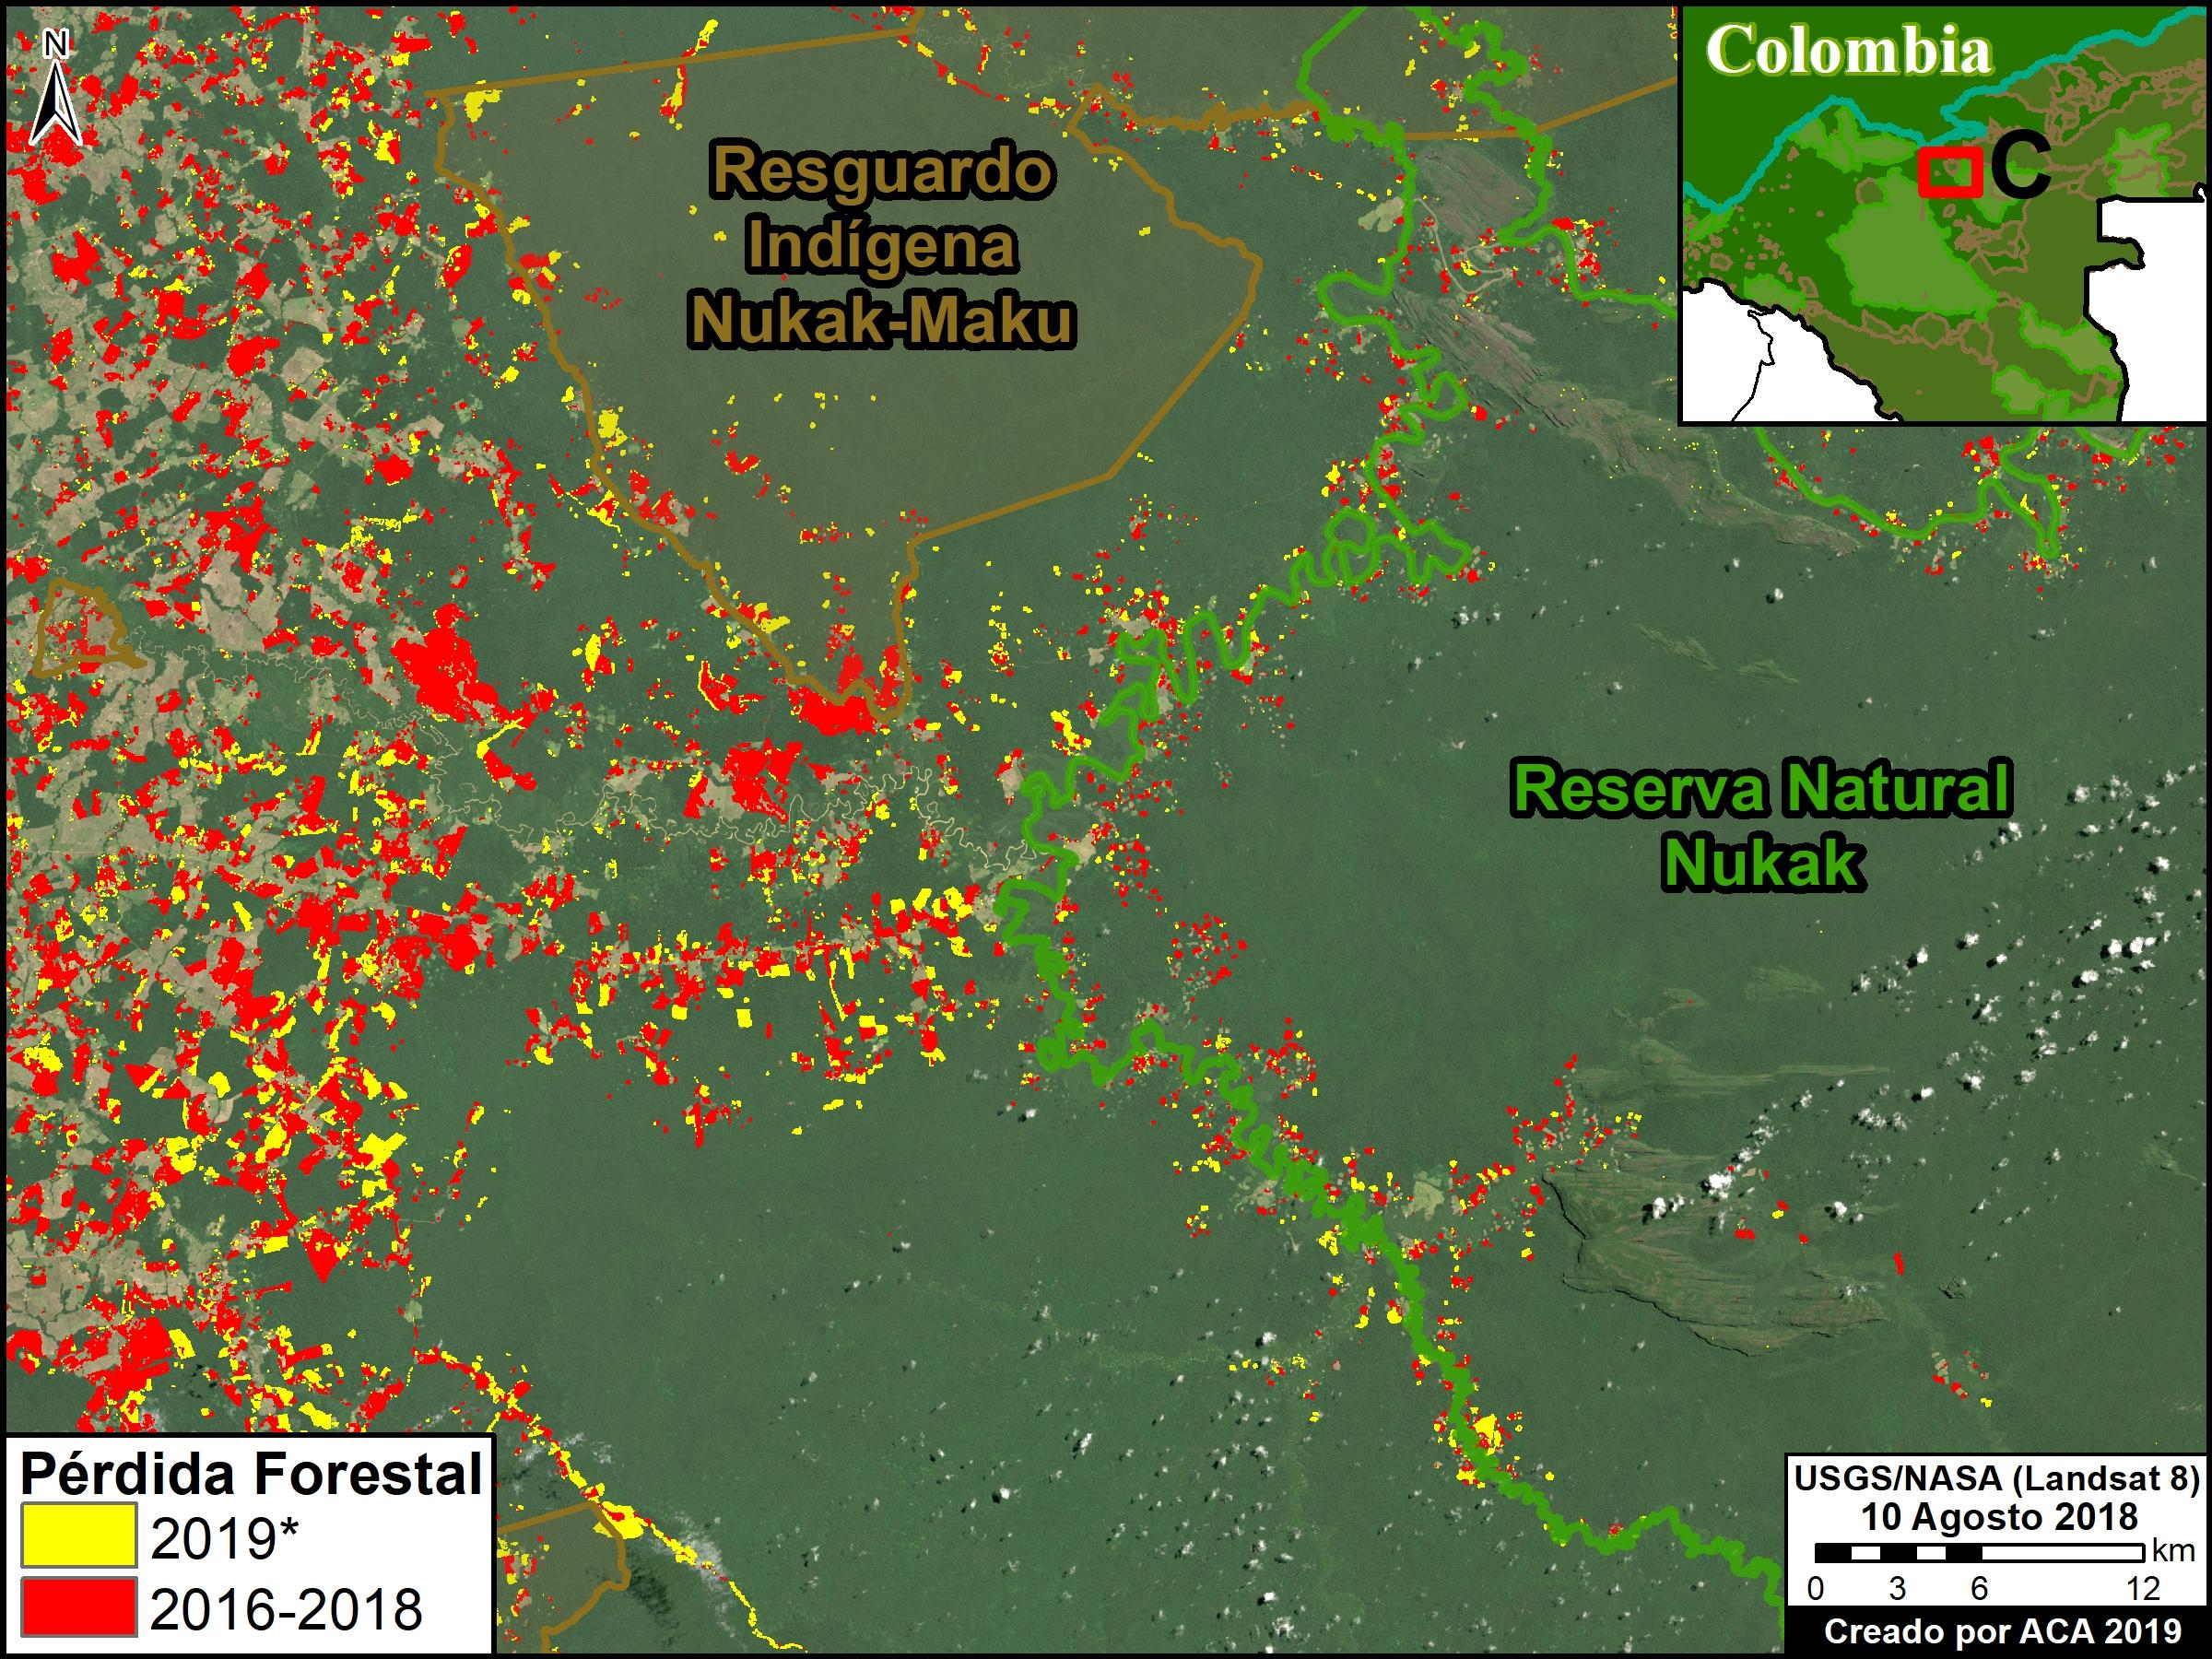 Deforestación parque Tinigua. Zoom C. Deforestación en la Reserva Nacional Nukak *hasta 25 de julio. Datos: UMD/GLAD, Hansen/UMD/Google/USGS/NASA, RUNAP, RAISG